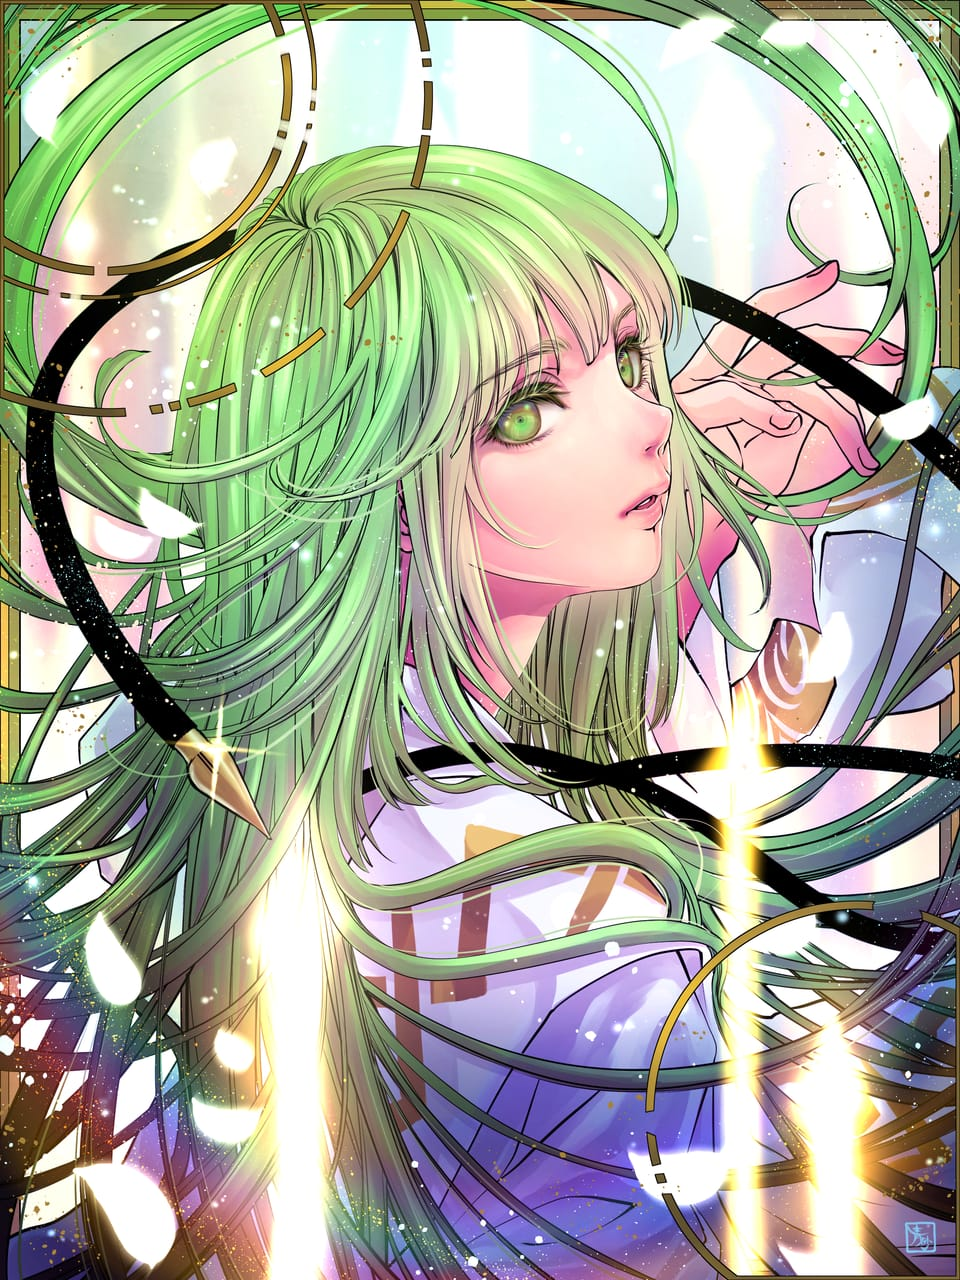 エルキドゥ Illust of 青砂時計 エルキドゥ(FGO) Fate/GrandOrder エルキドゥ